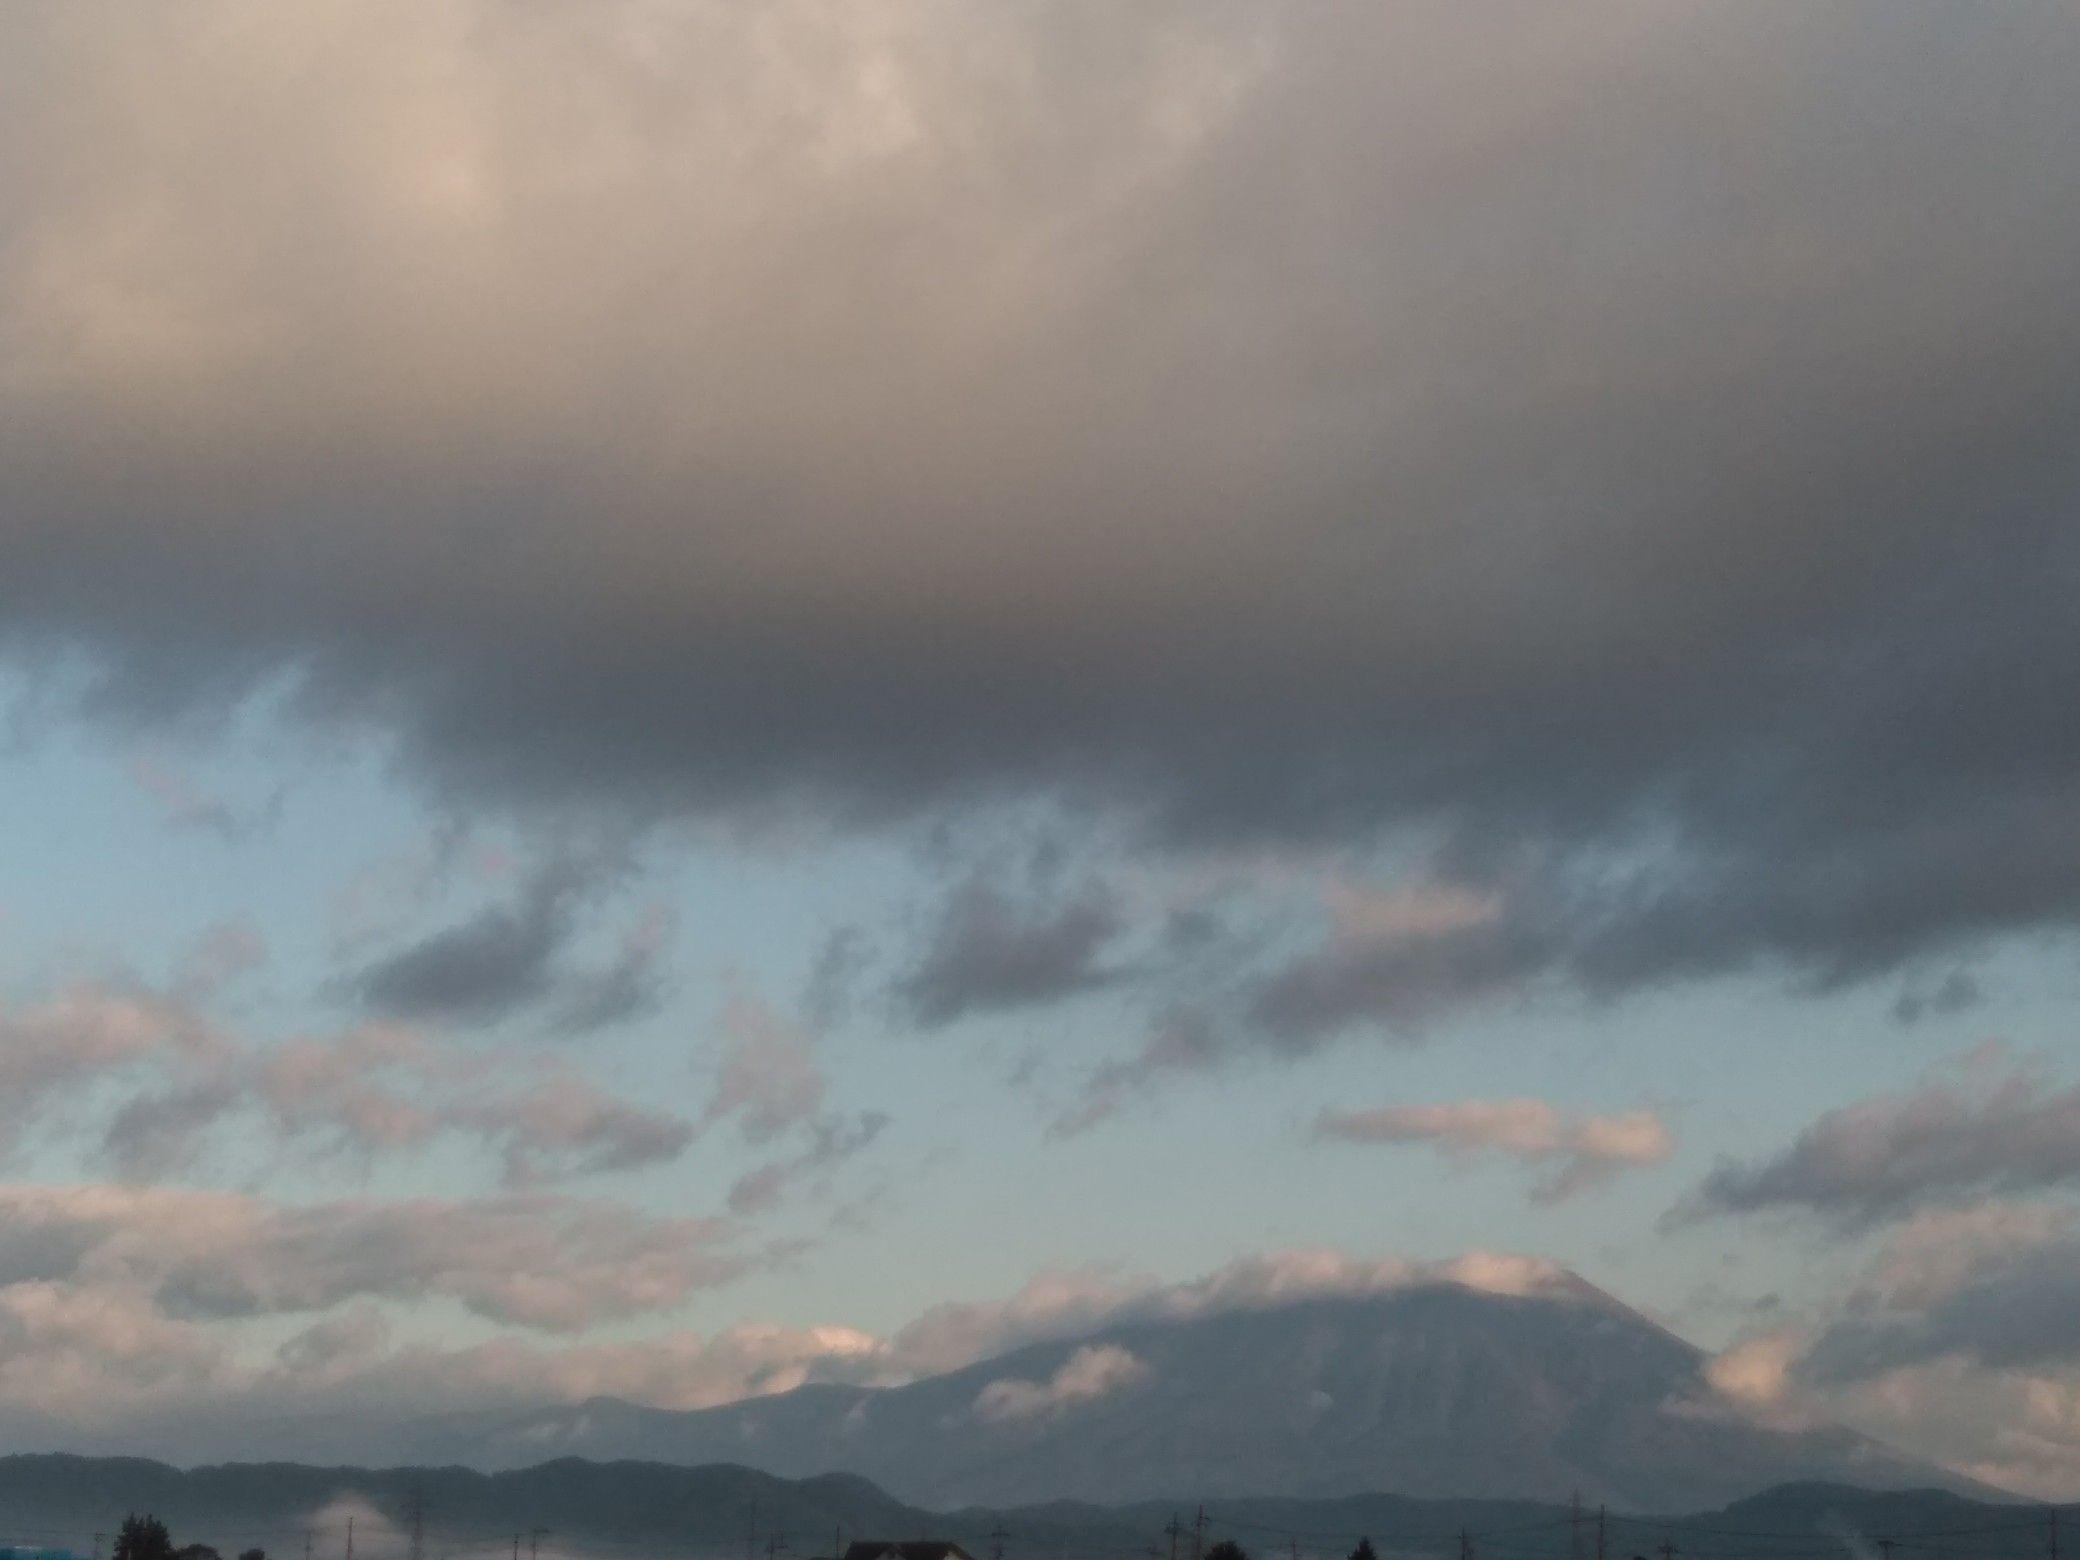 海老蔵 雲 市川 地震